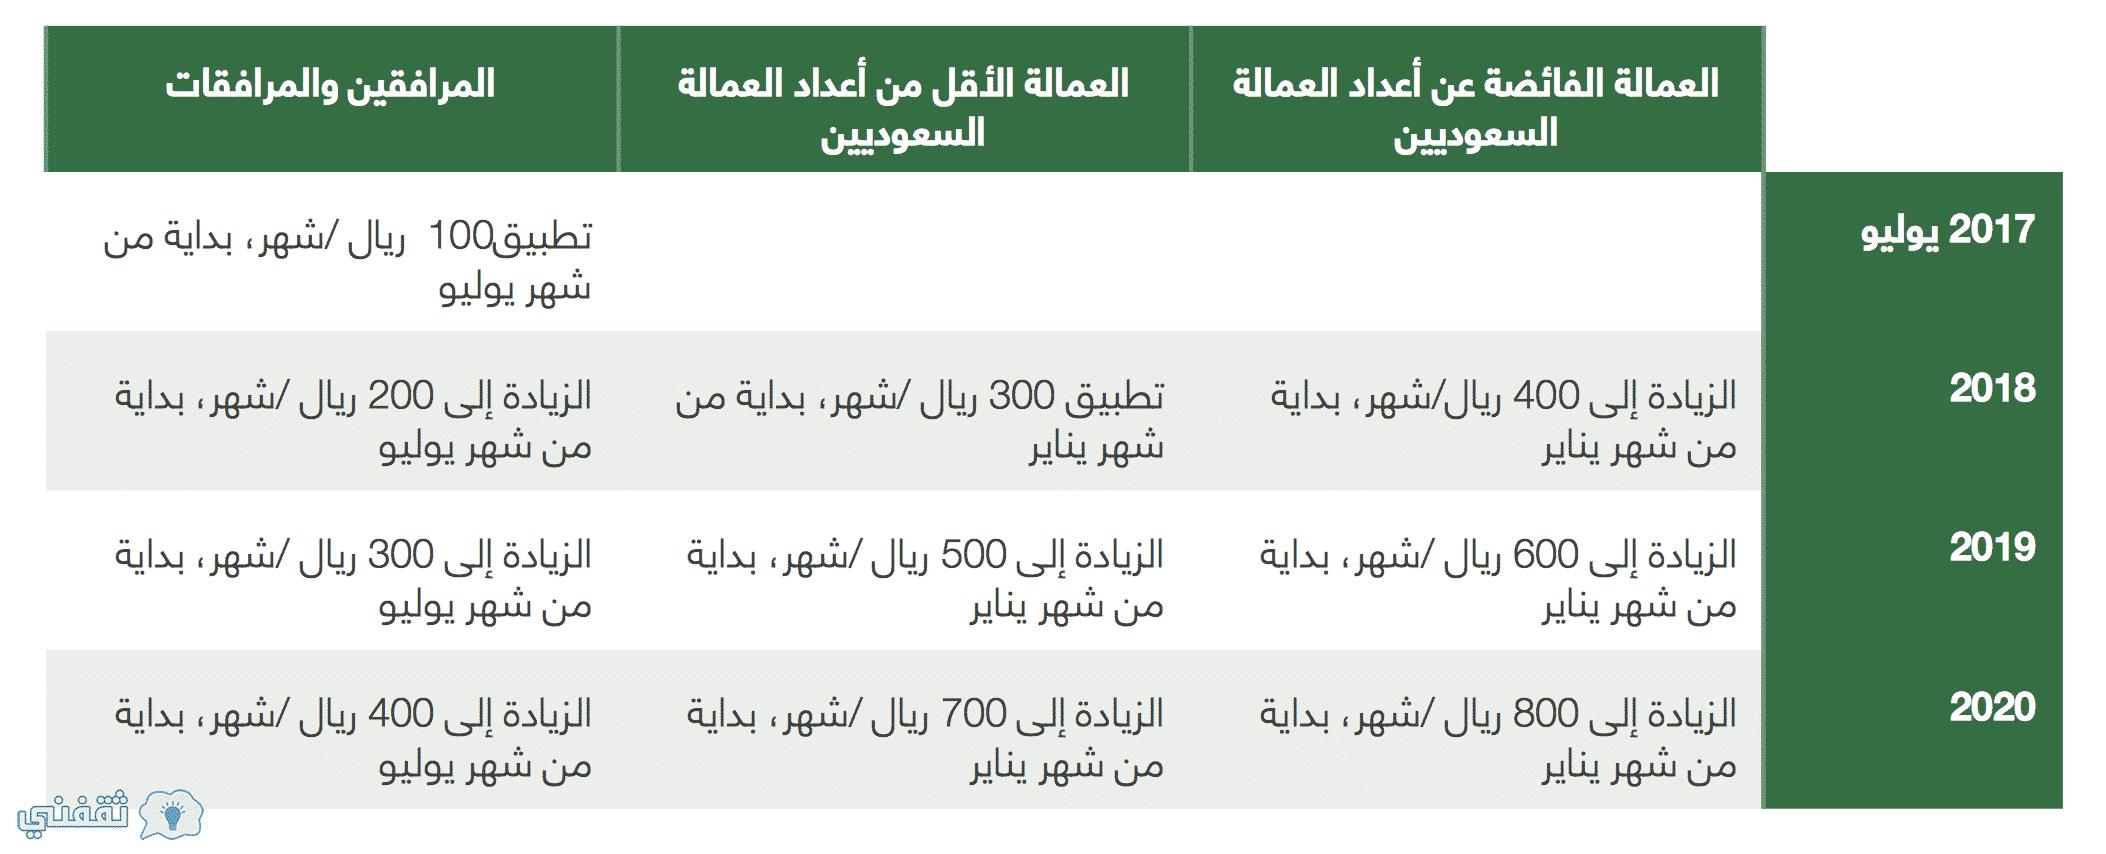 جدول يوضح الزيادة السنوية في الرسوم الشهرية للمقيمين في السعودية